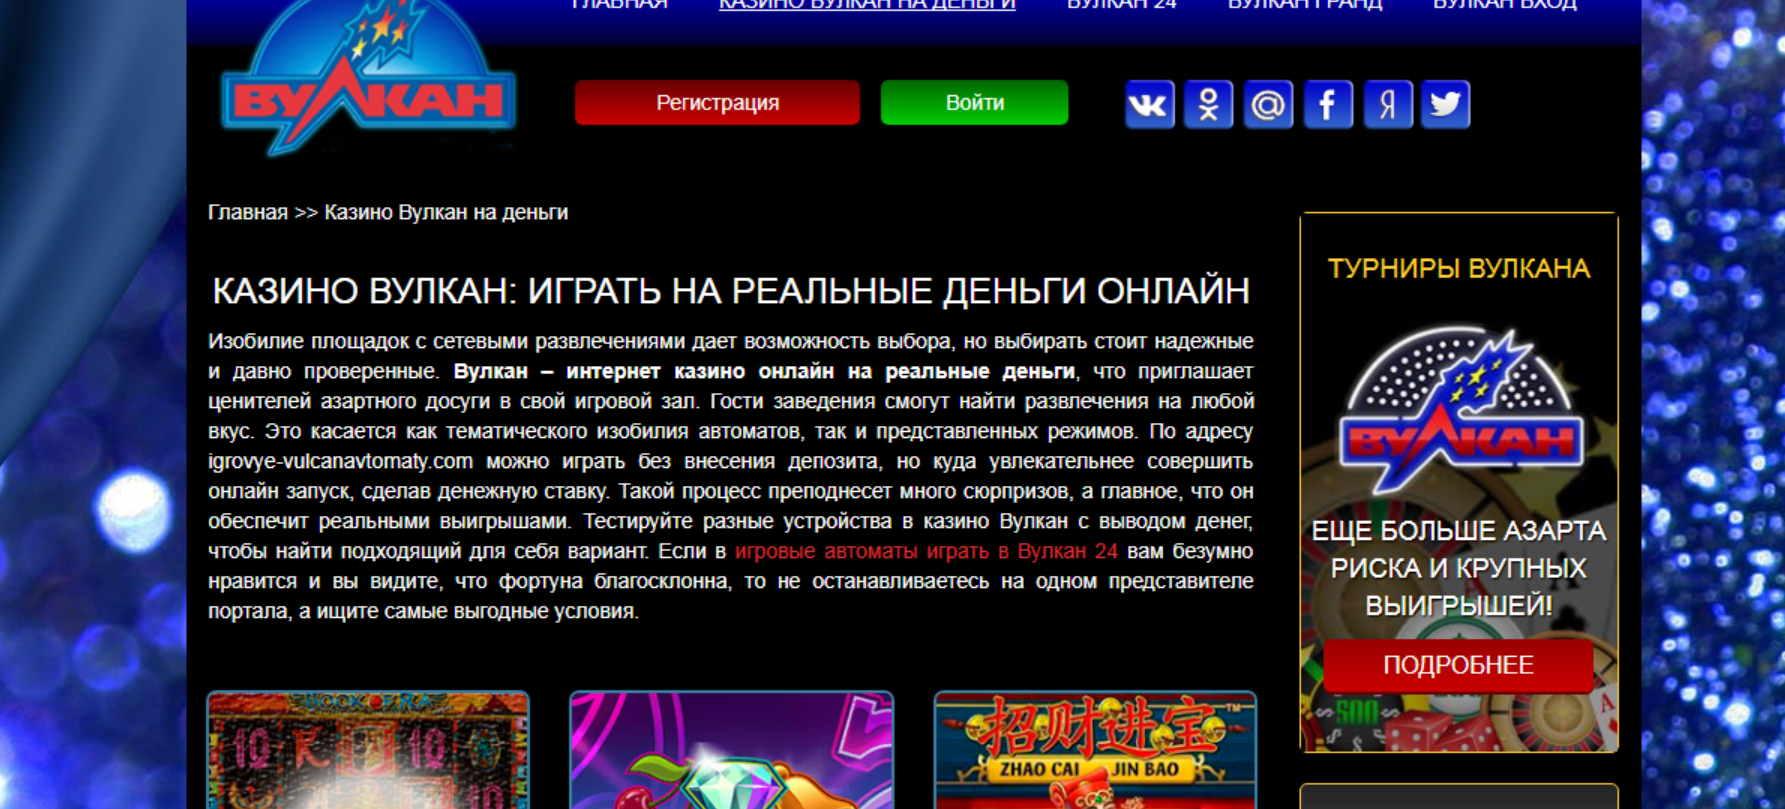 Скачать много старых игровые автоматы бесплатно секс веб камеры рулетка онлайн